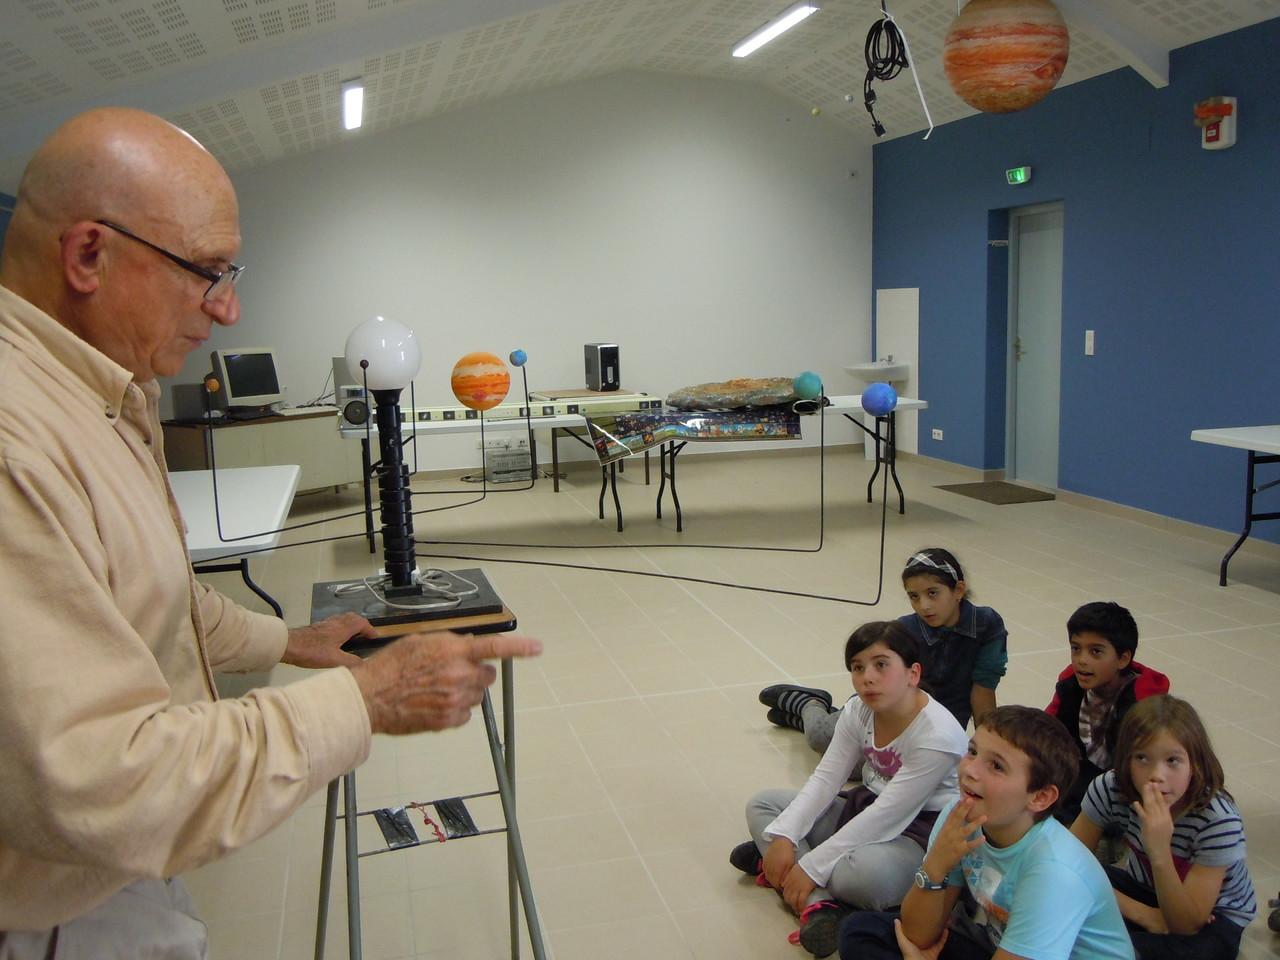 Jour 2 : Dans la toute nouvelle salle, les élèves écoutent les explications de Claudius